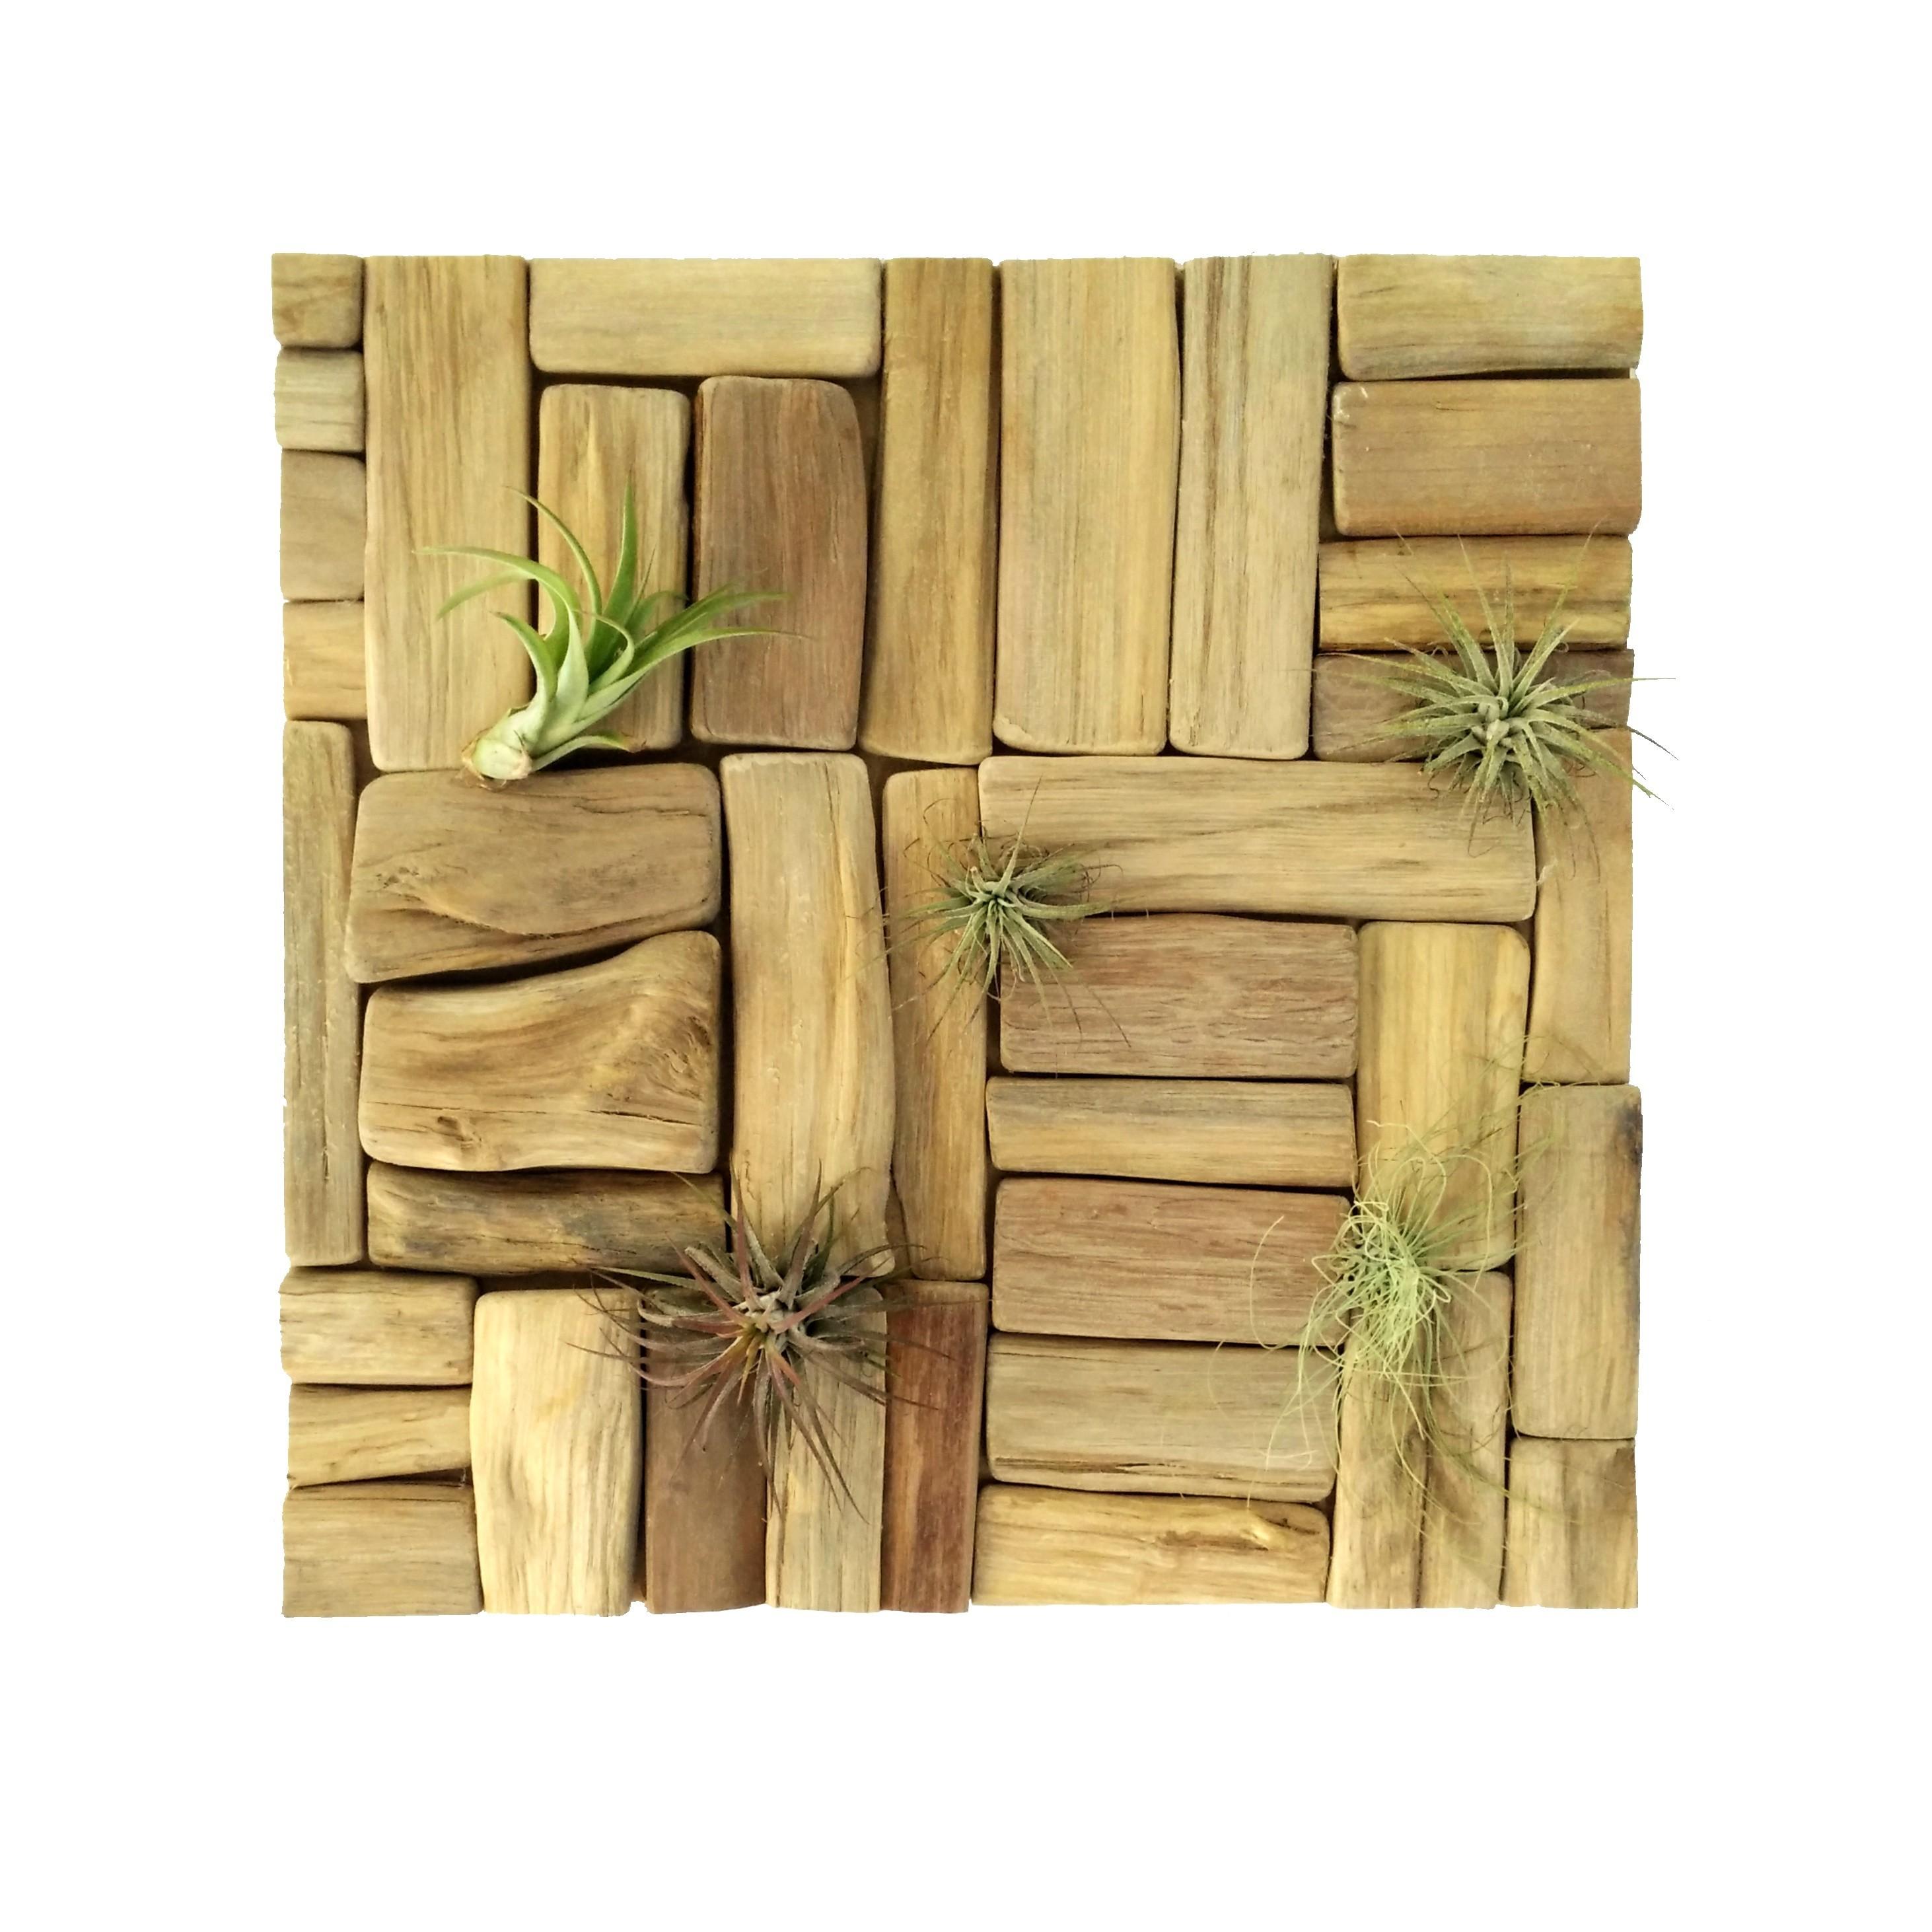 Wanddecoratie Natuurlijke Materialen.Wanddecoratie Luchtplantjes Drijfhout Houten Accessoires